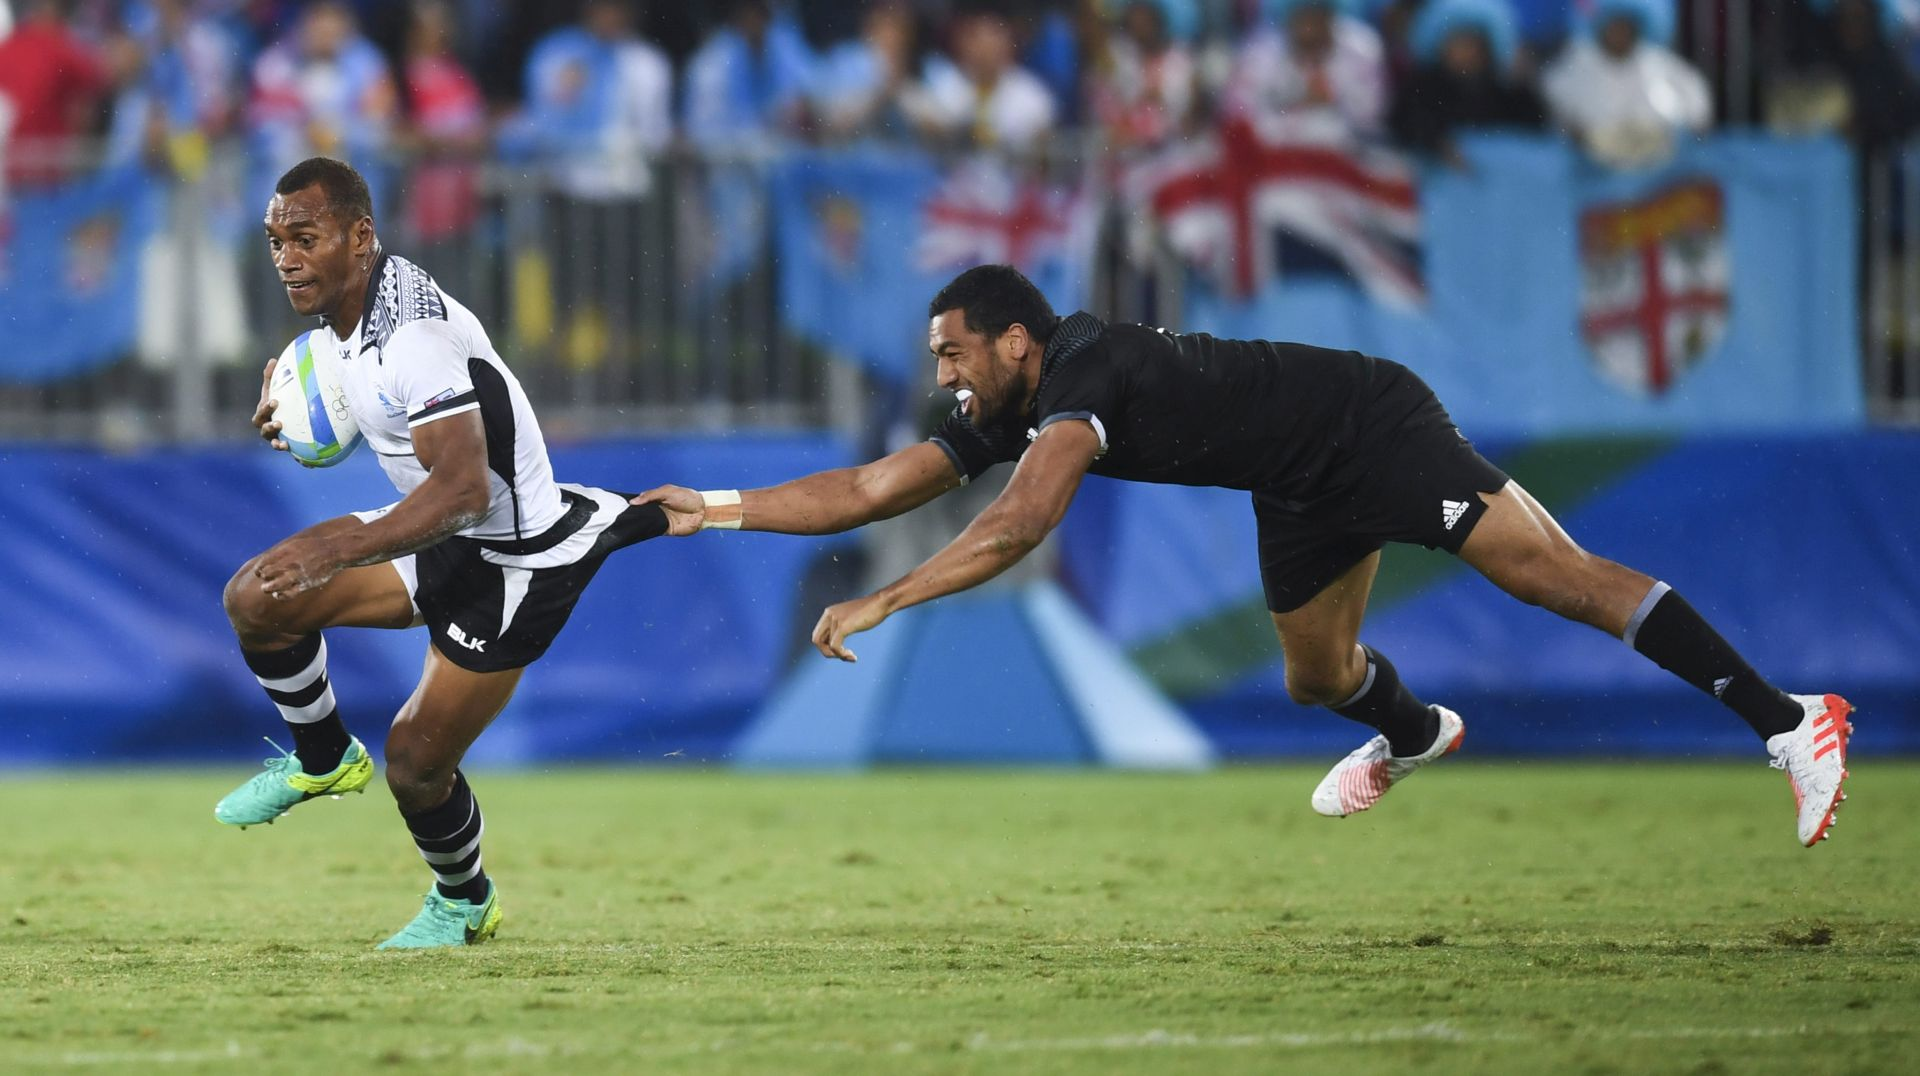 OI RAGBI 7 Fidži i Japan iznenađujuće u polufinalu